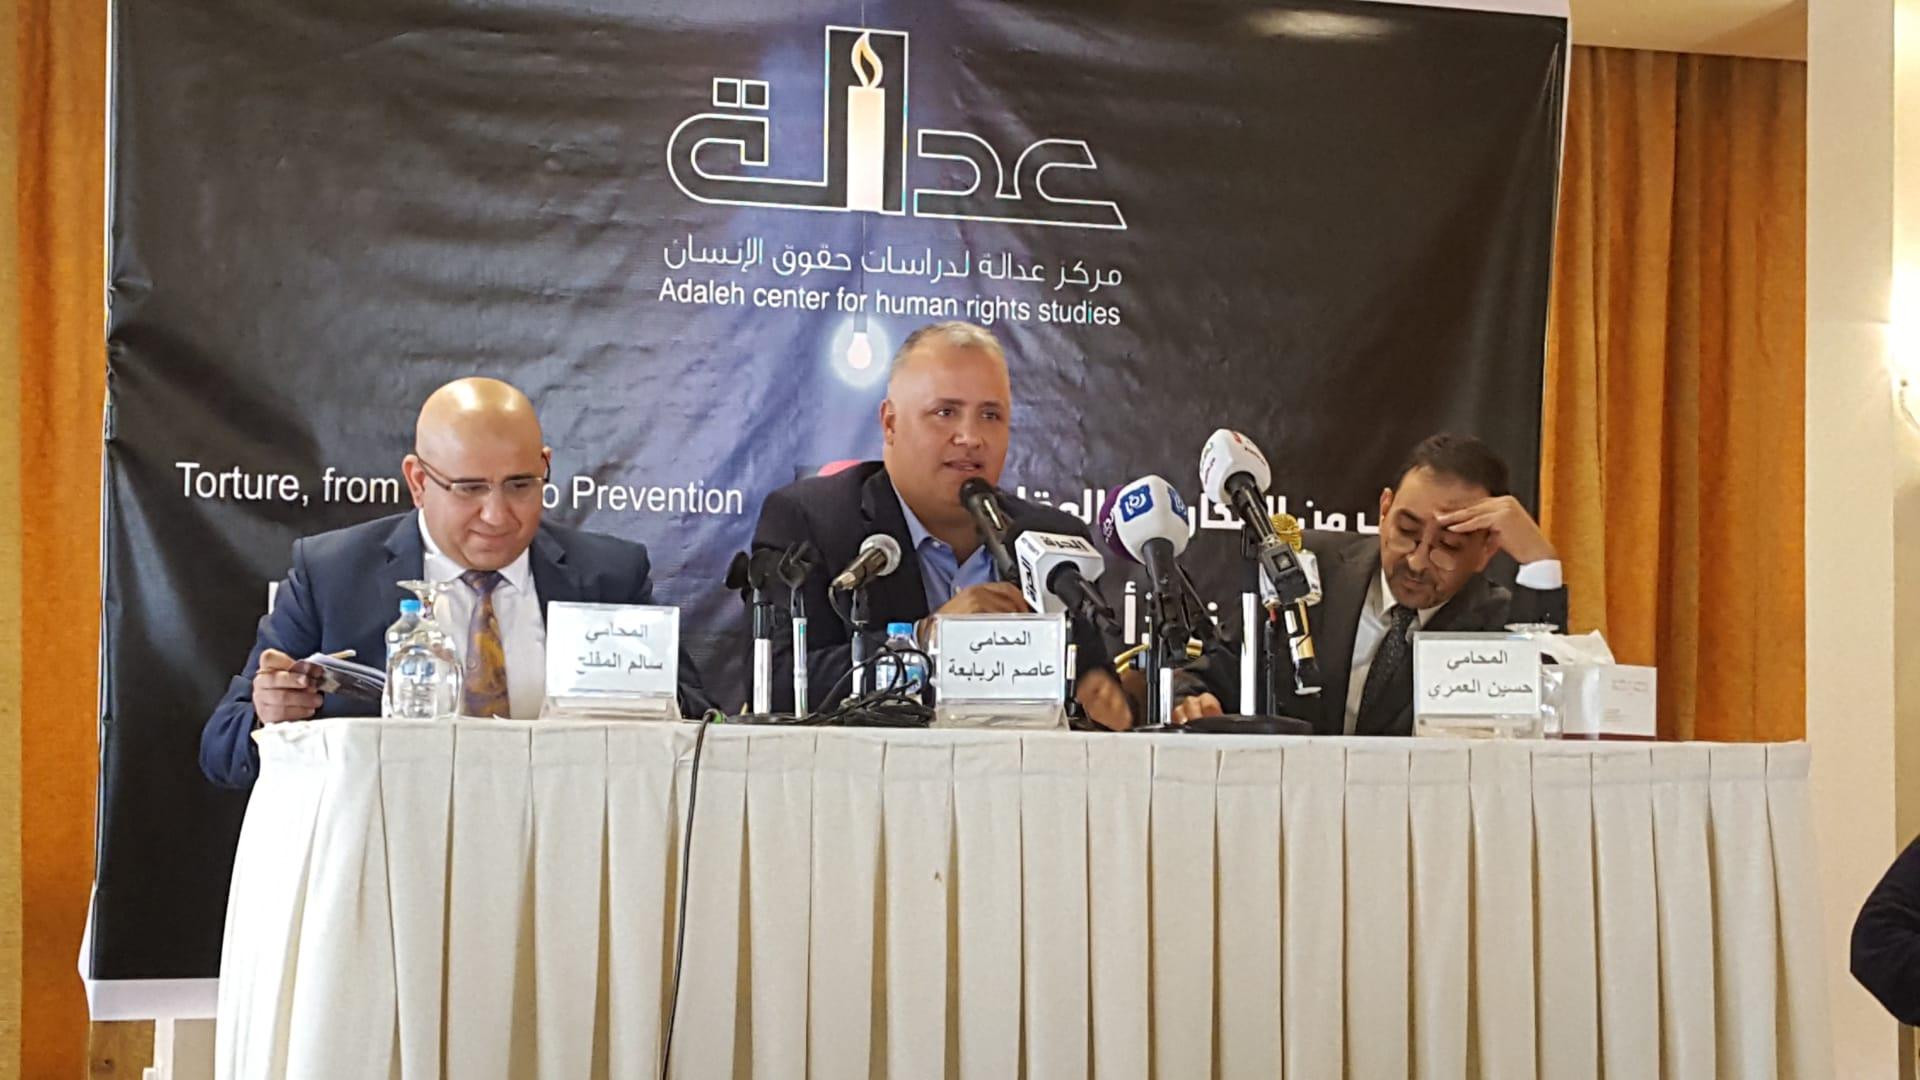 الأمن الأردني يرد على تقرير حقوقي عن رصد حالات تعذيب لمحتجزين